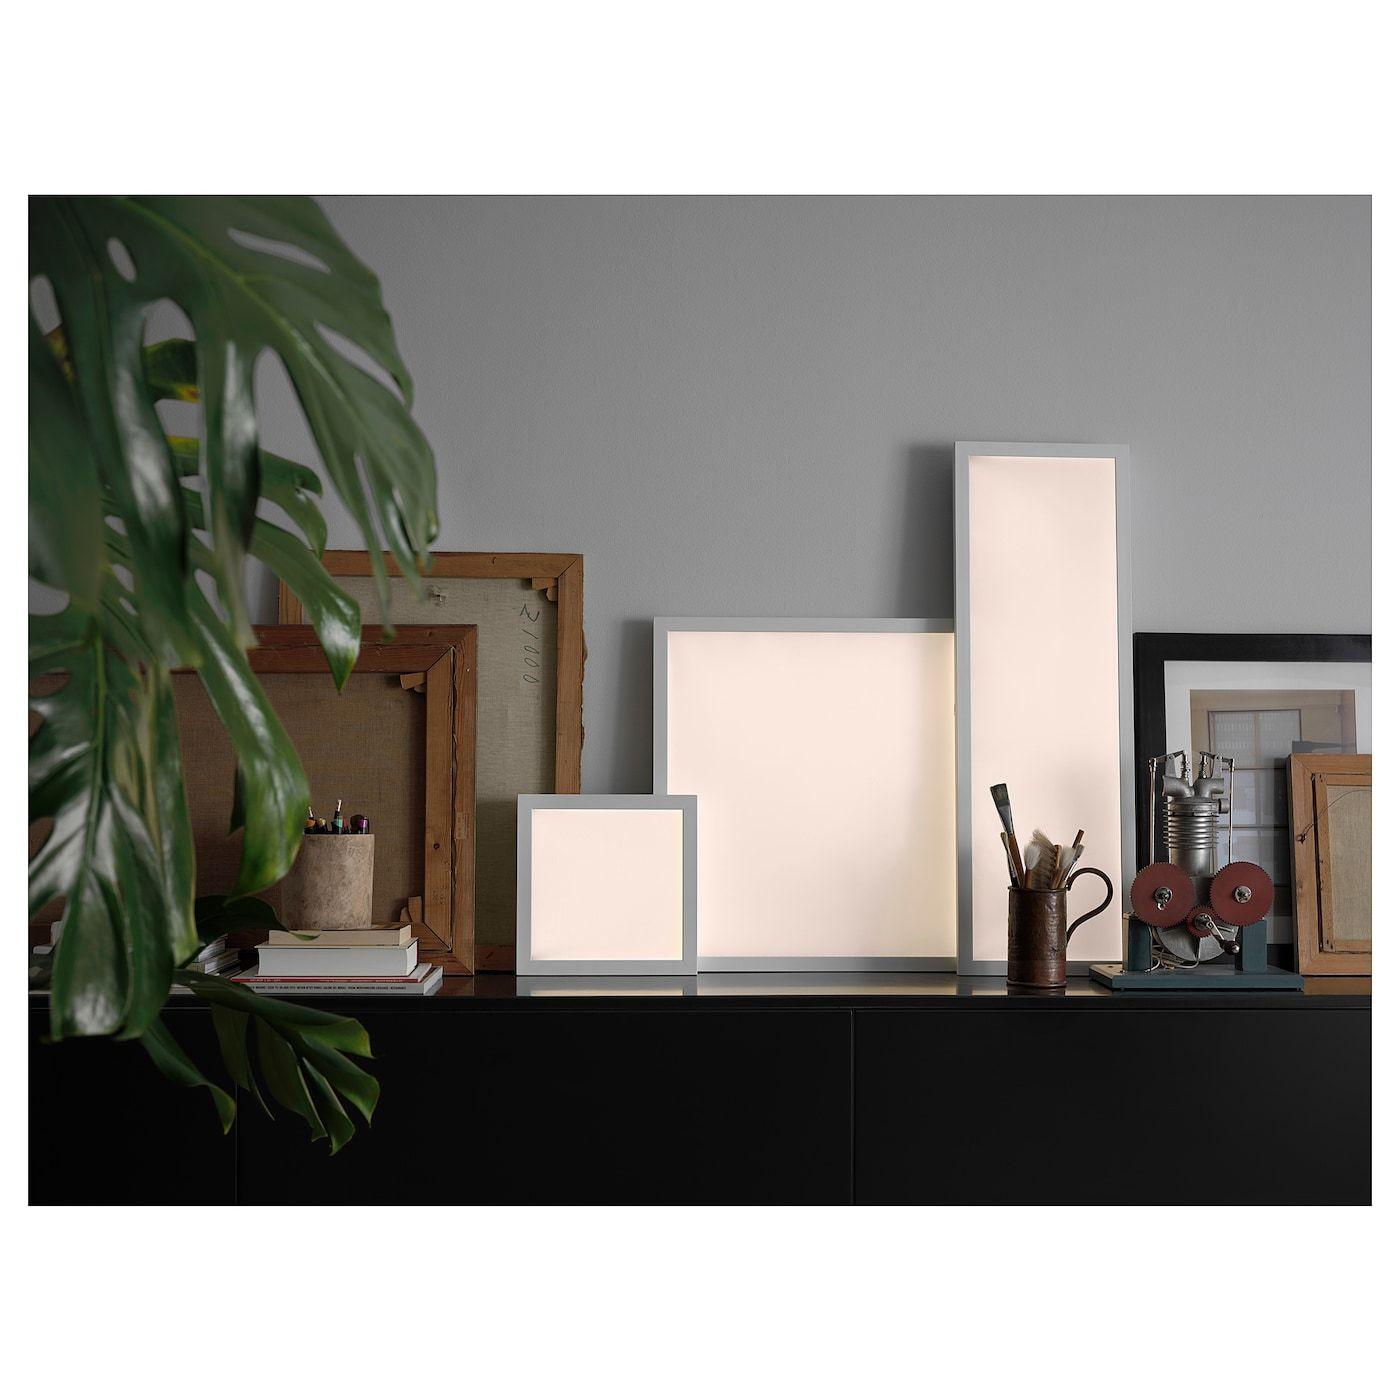 Floalt Led Light Panel Dimmable White Spectrum 24x24 Led